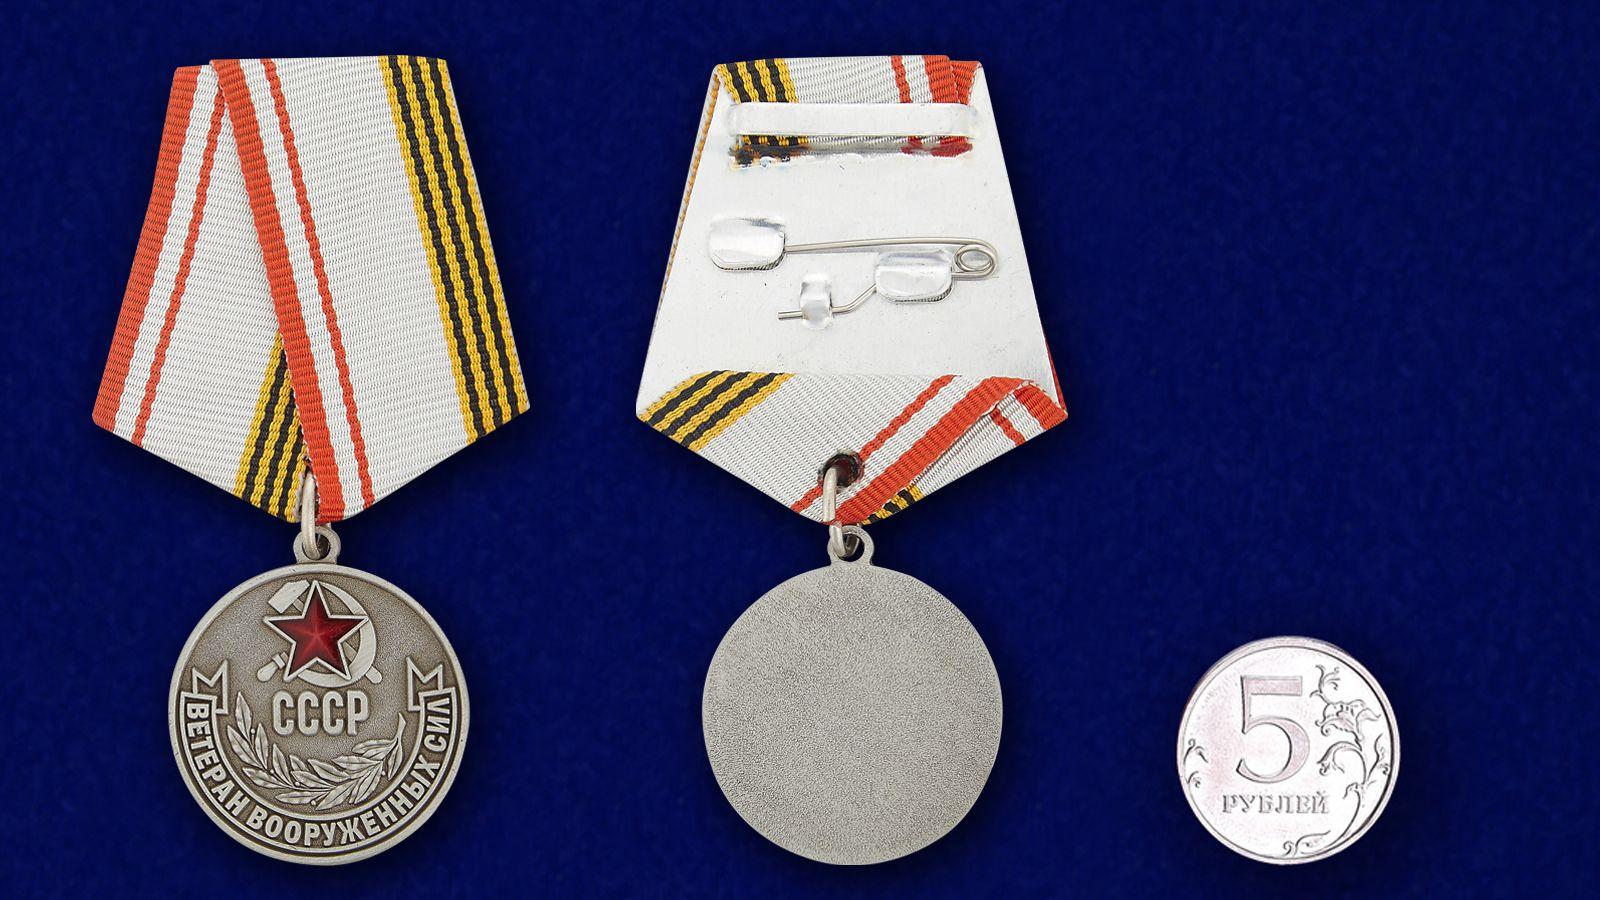 Сувенирная медаль ветерану - сравнительный размер